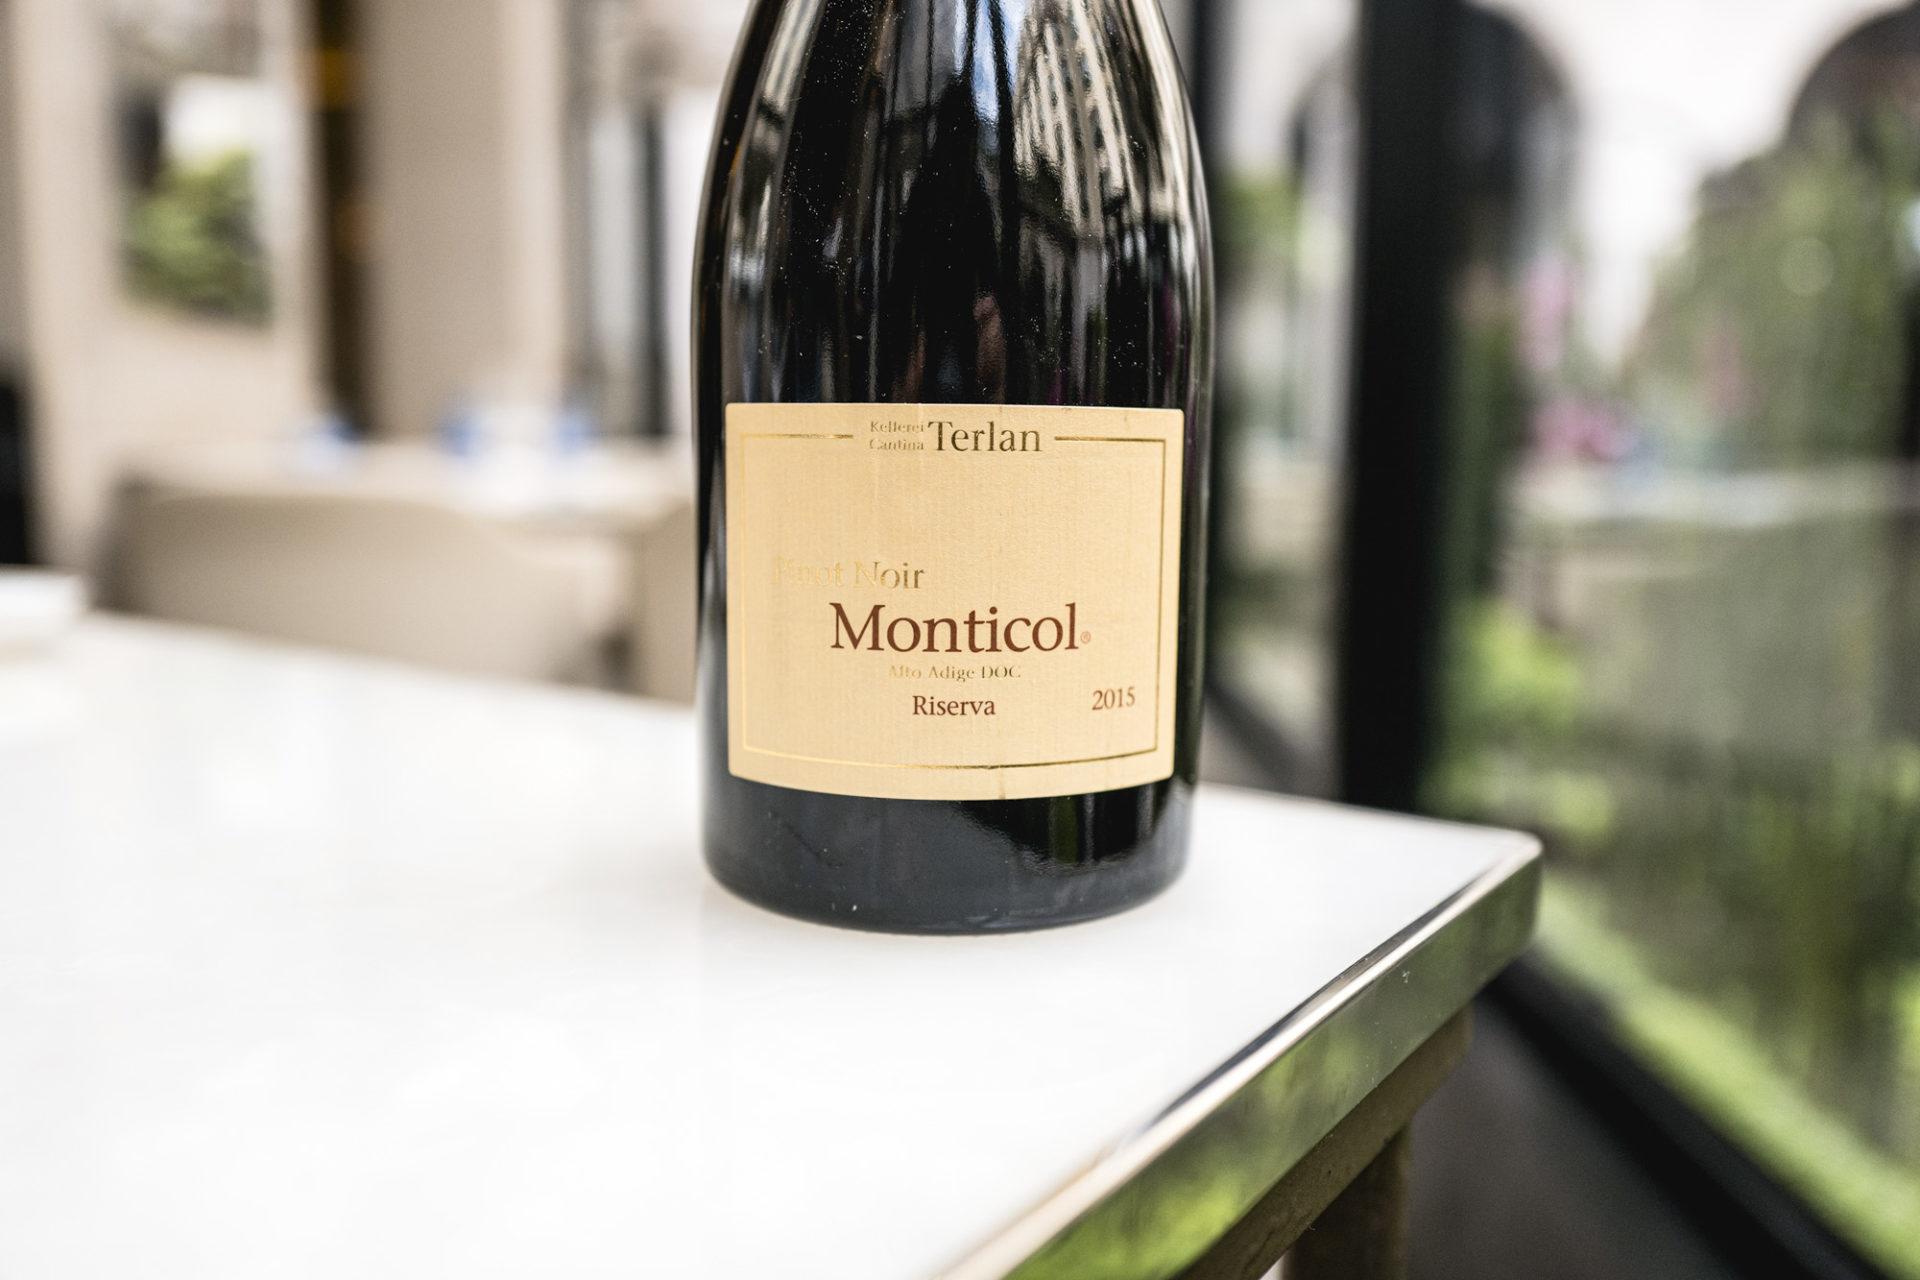 Sélection de vin au restaurant Le George - Pinot Noir Monticol Réserve 2015